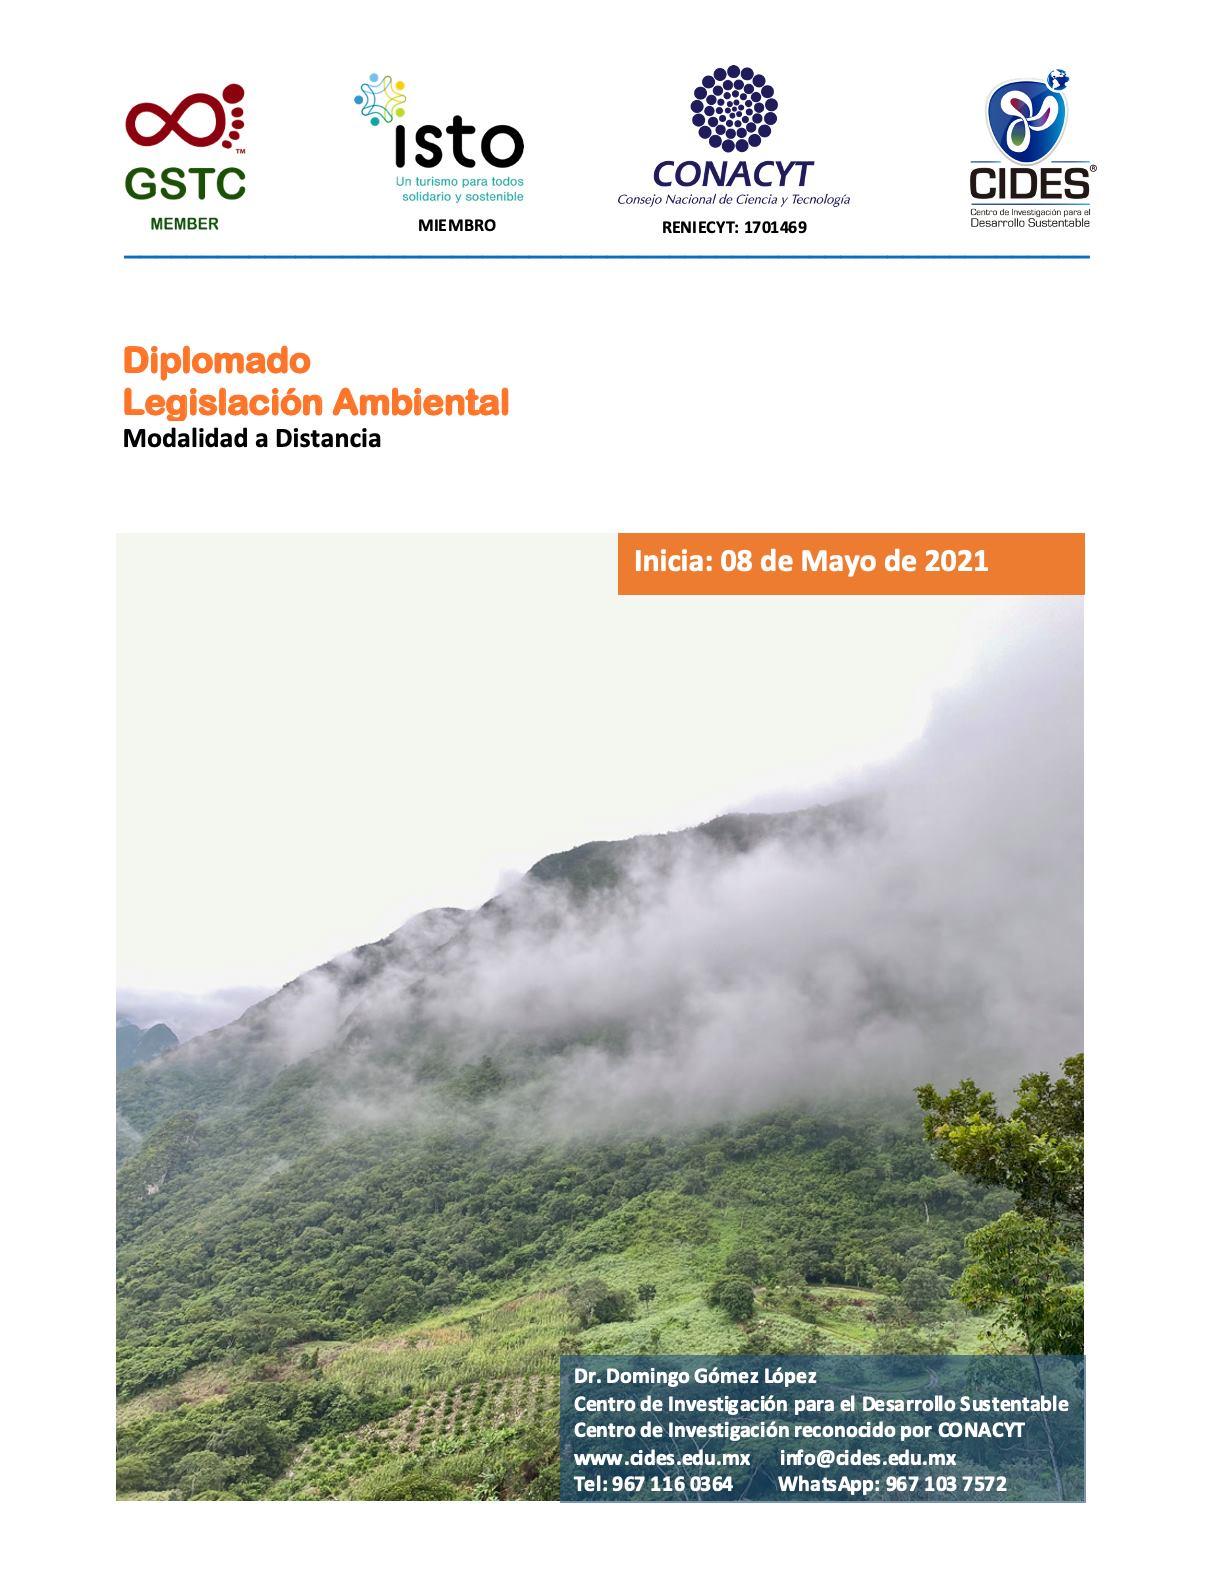 CIDES- Diplomado en Legislación Ambiental